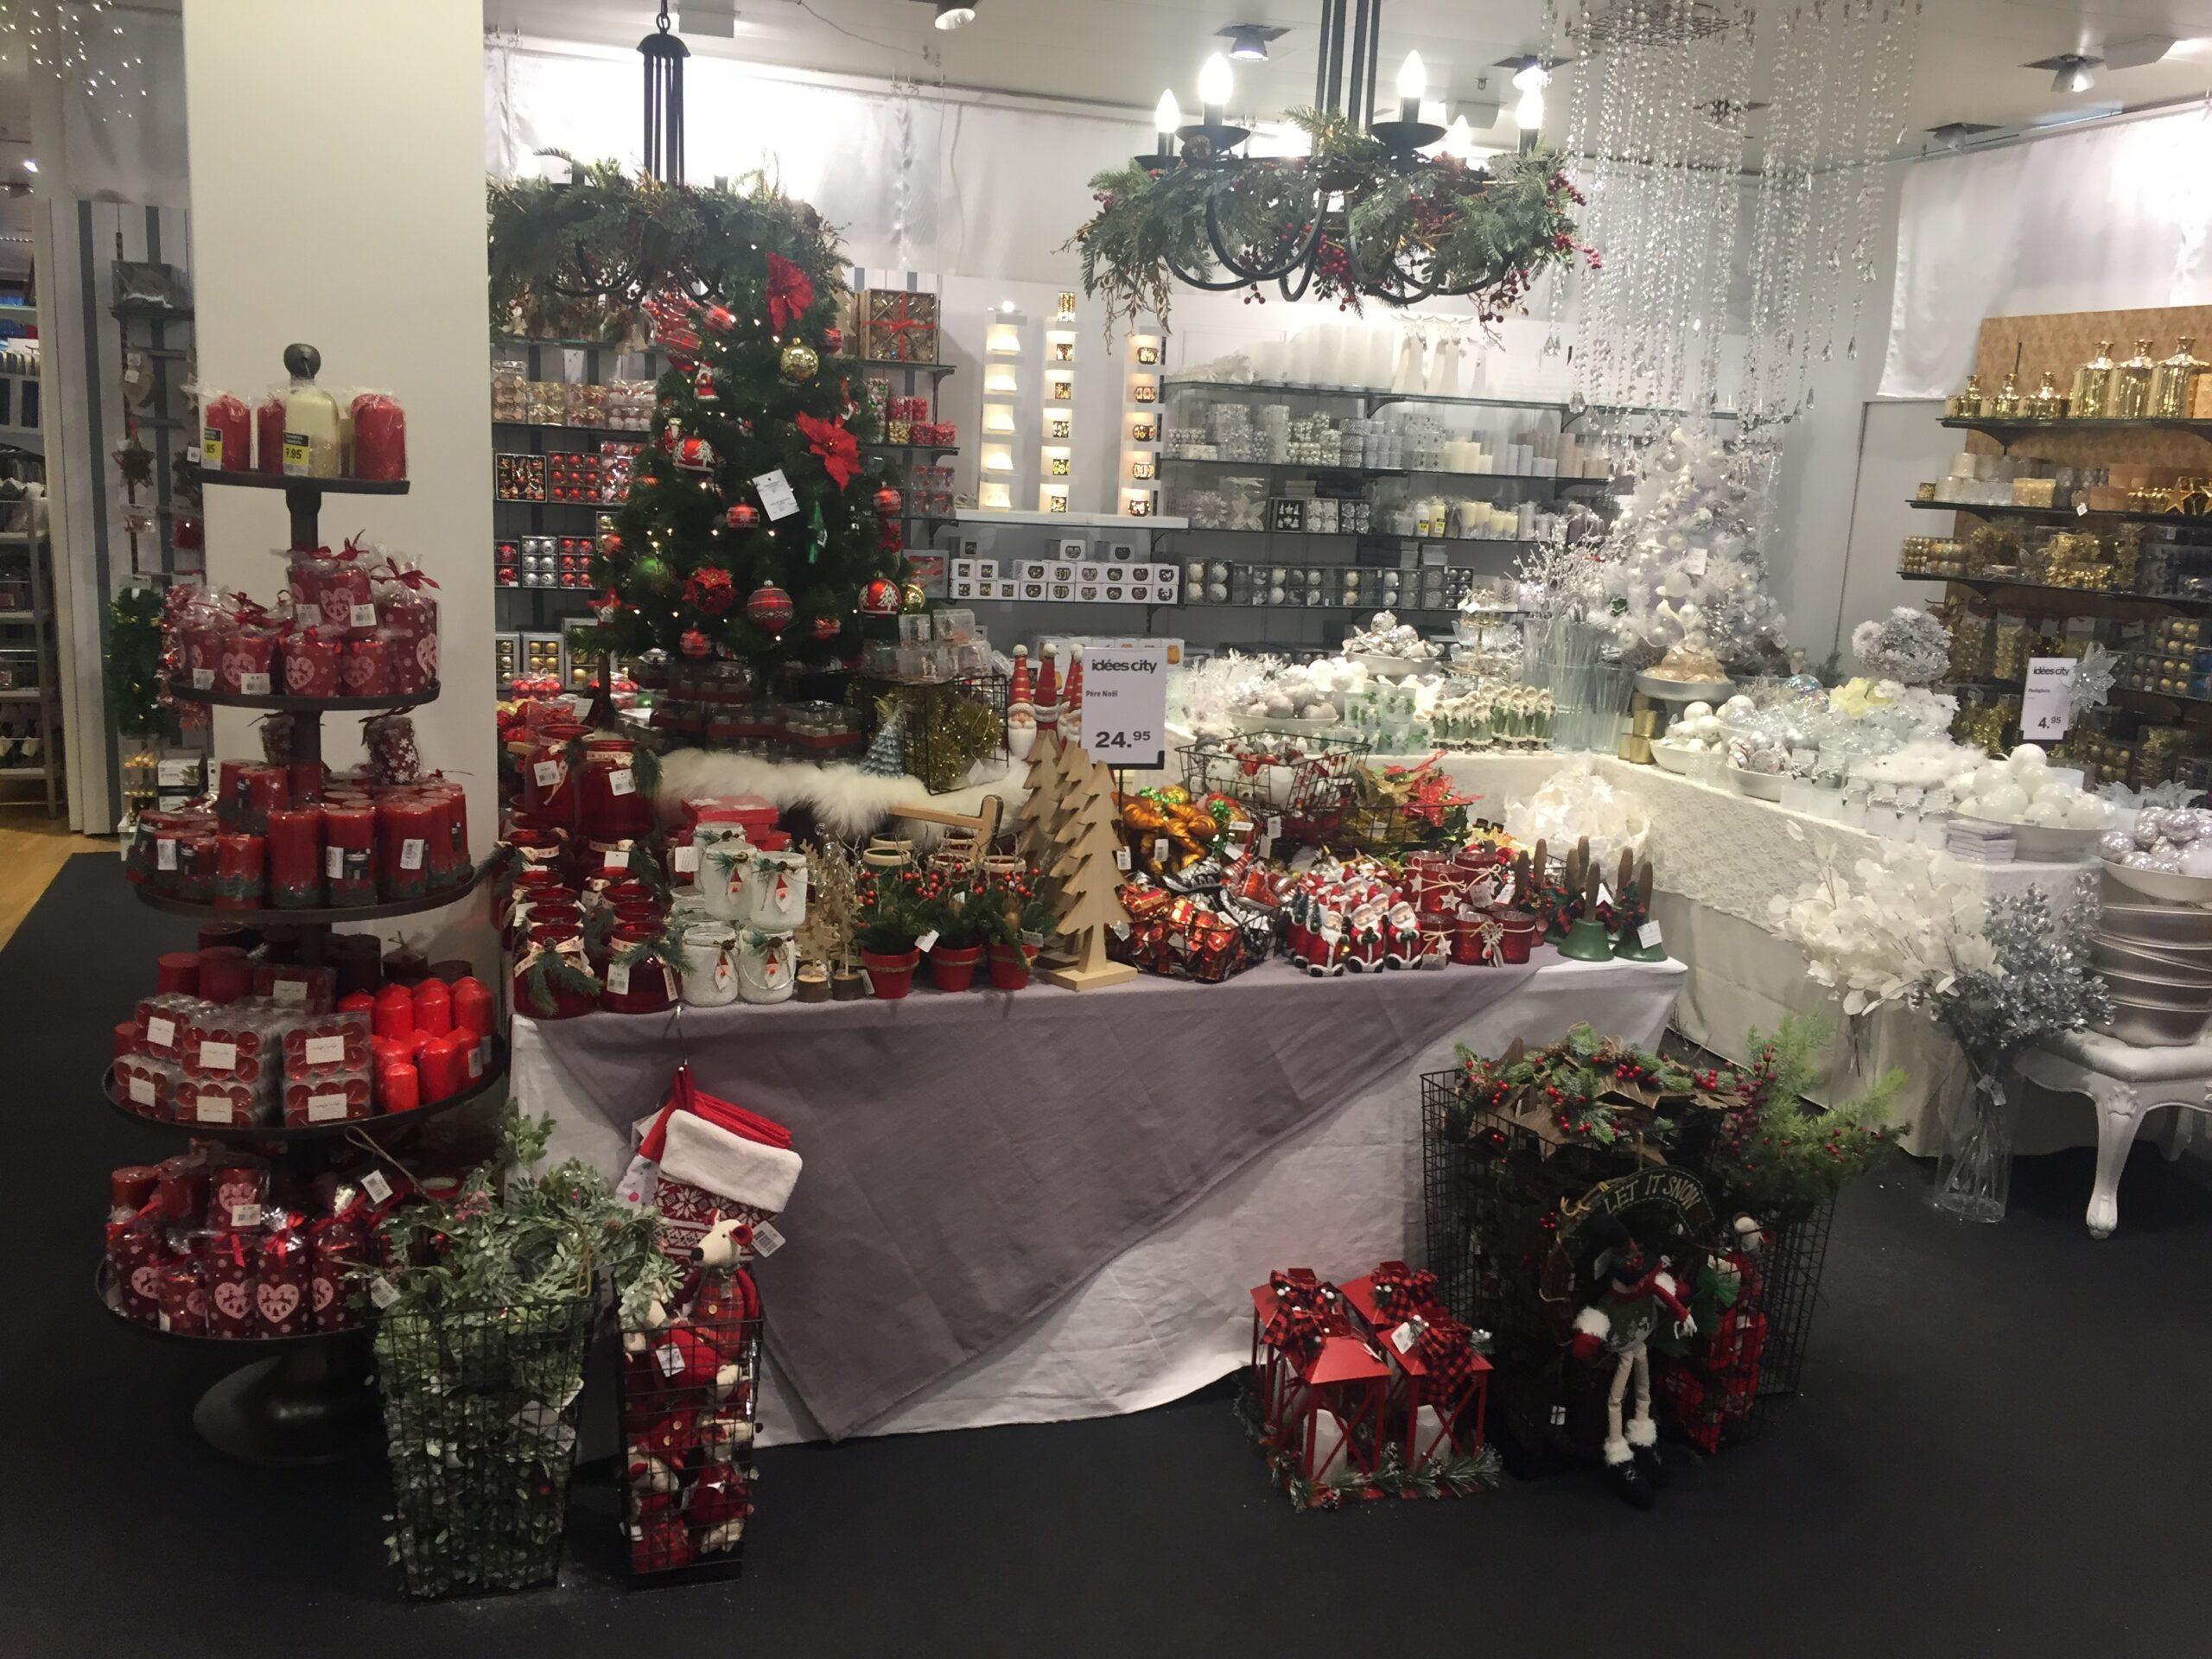 مبيعات هدايا عيد الميلاد في سويسرا.. كسرت حاجز كورونا